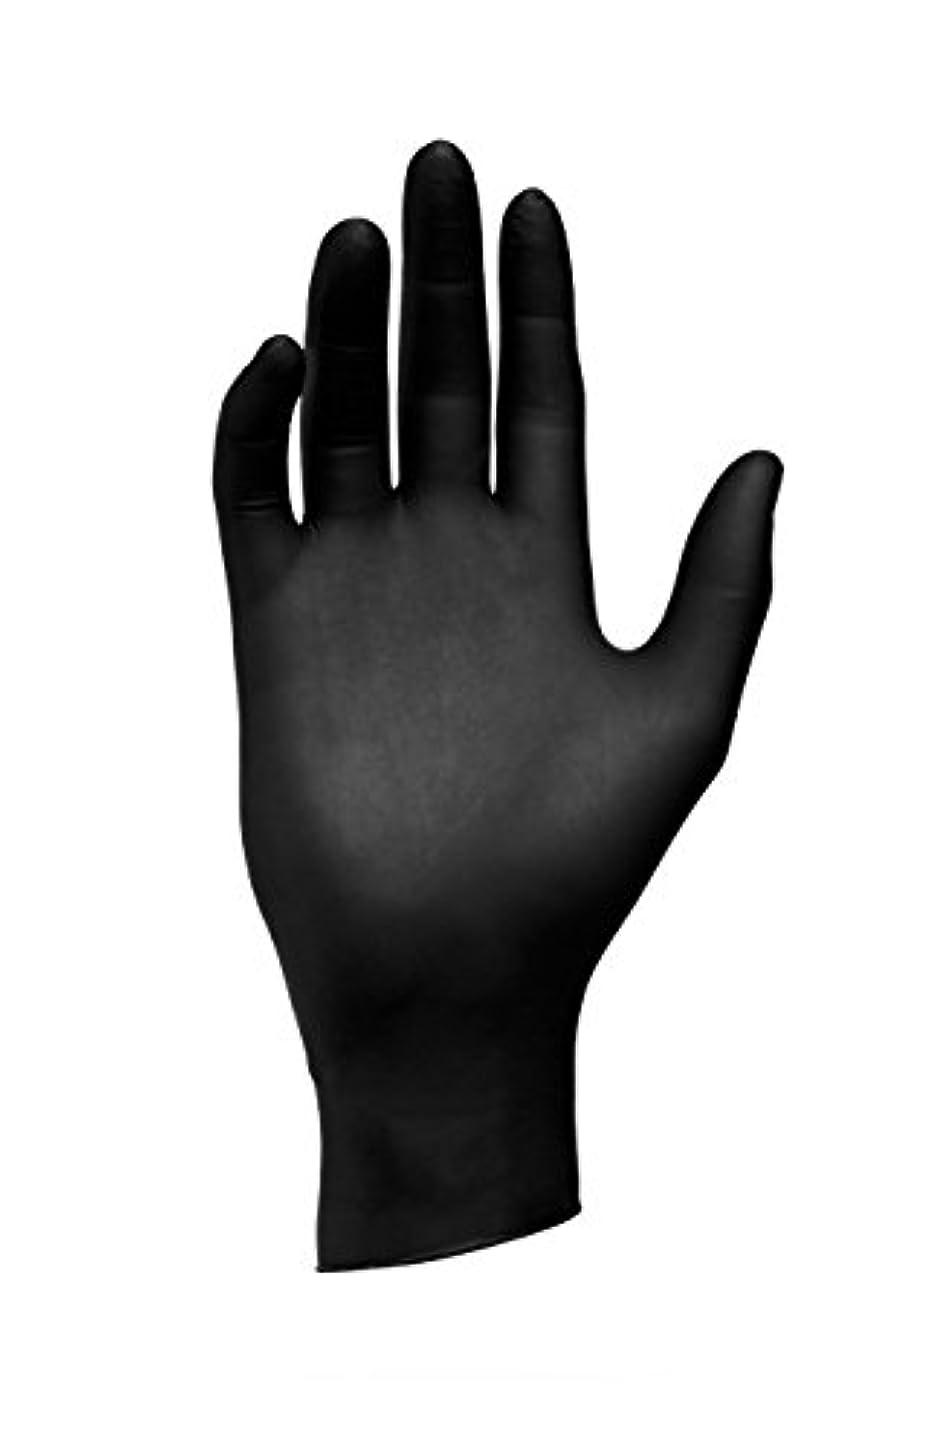 に対処する珍しい打ち負かすエバーメイト センパーガード ニトリルブラックグローブ ブラック S(6.0~6.5インチ)甲幅8cm 100枚入 6個セット